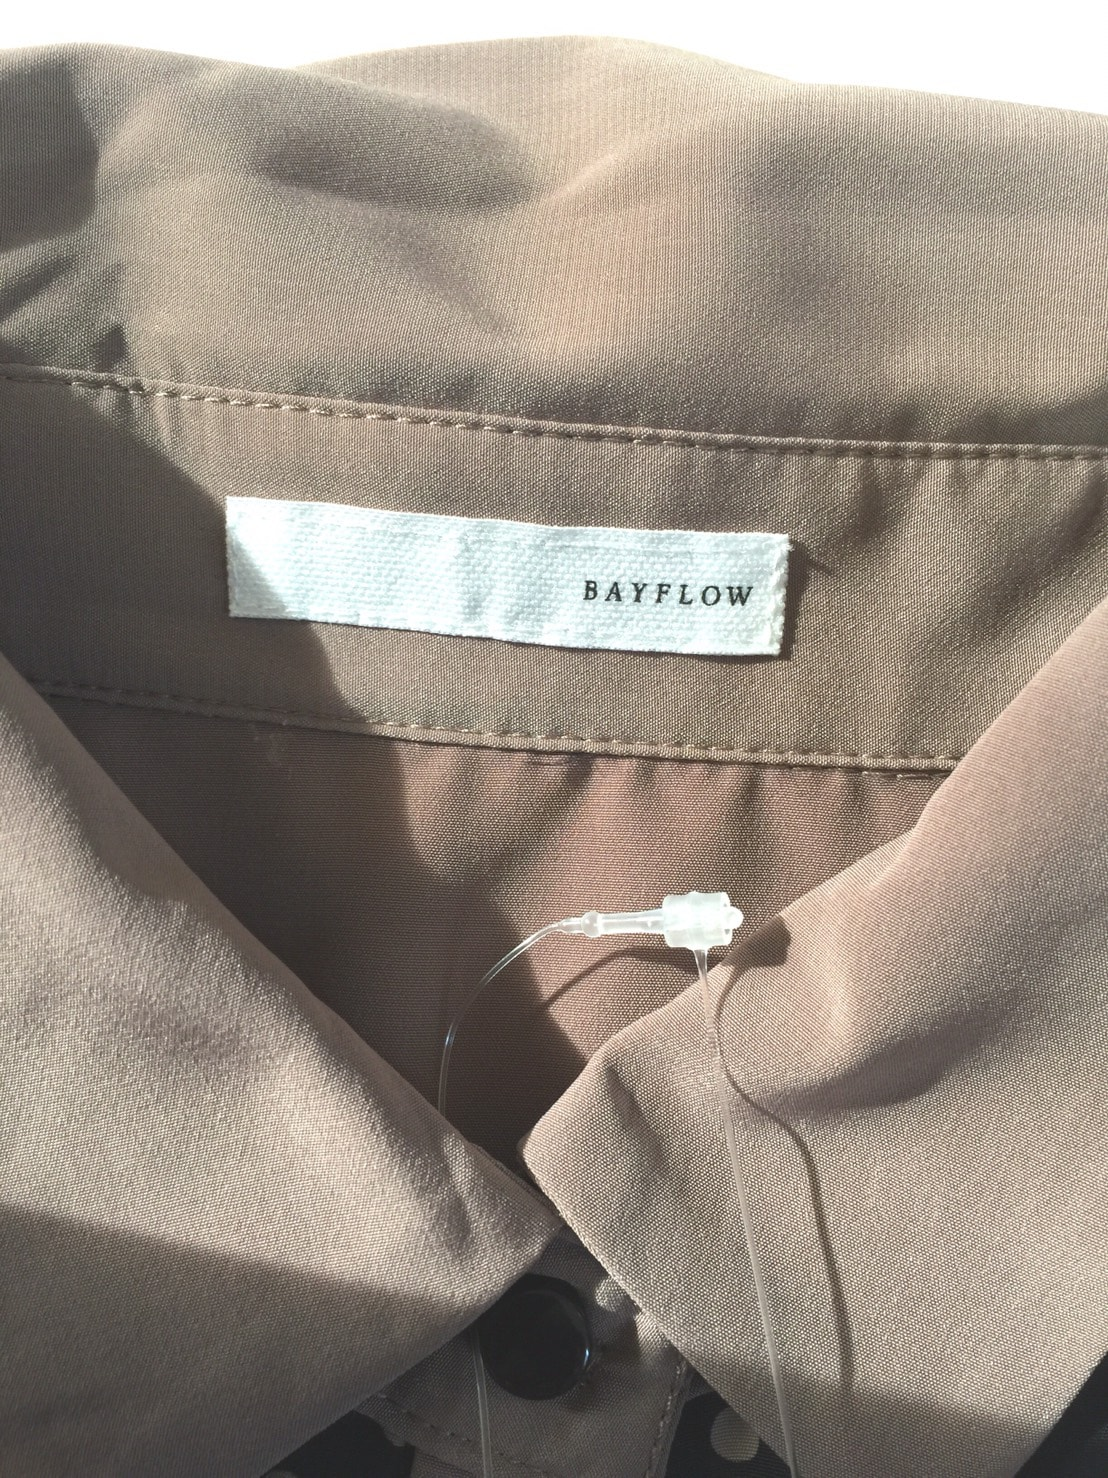 BAYFLOW(ベイフロー)のワンピース